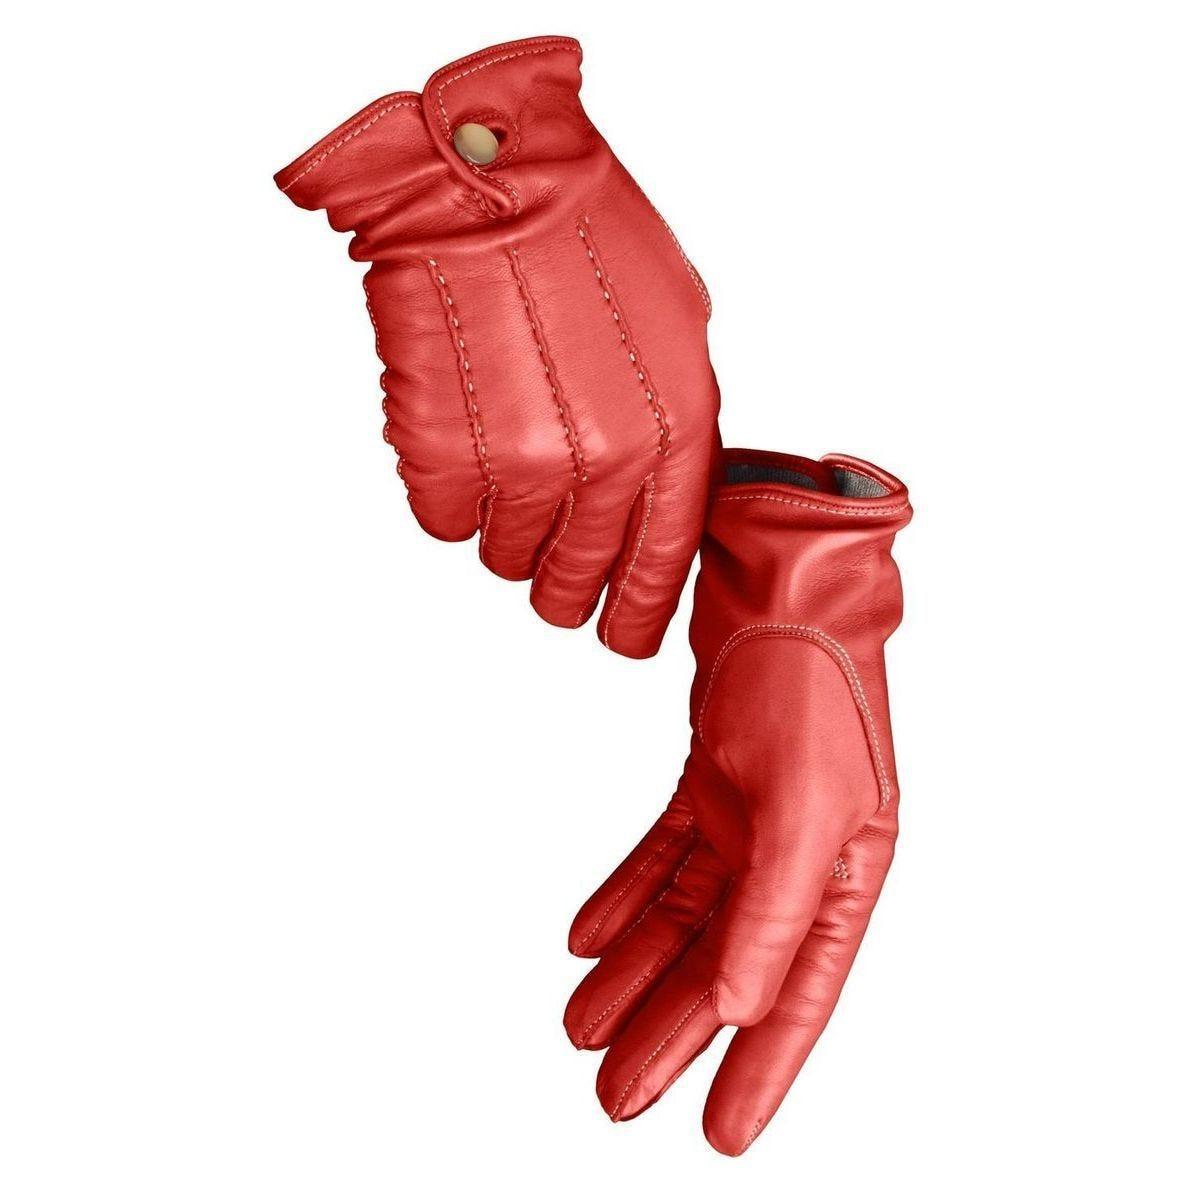 Gants avec bouton pour femmes - 7.5 - Rouge - Agneau Nappa